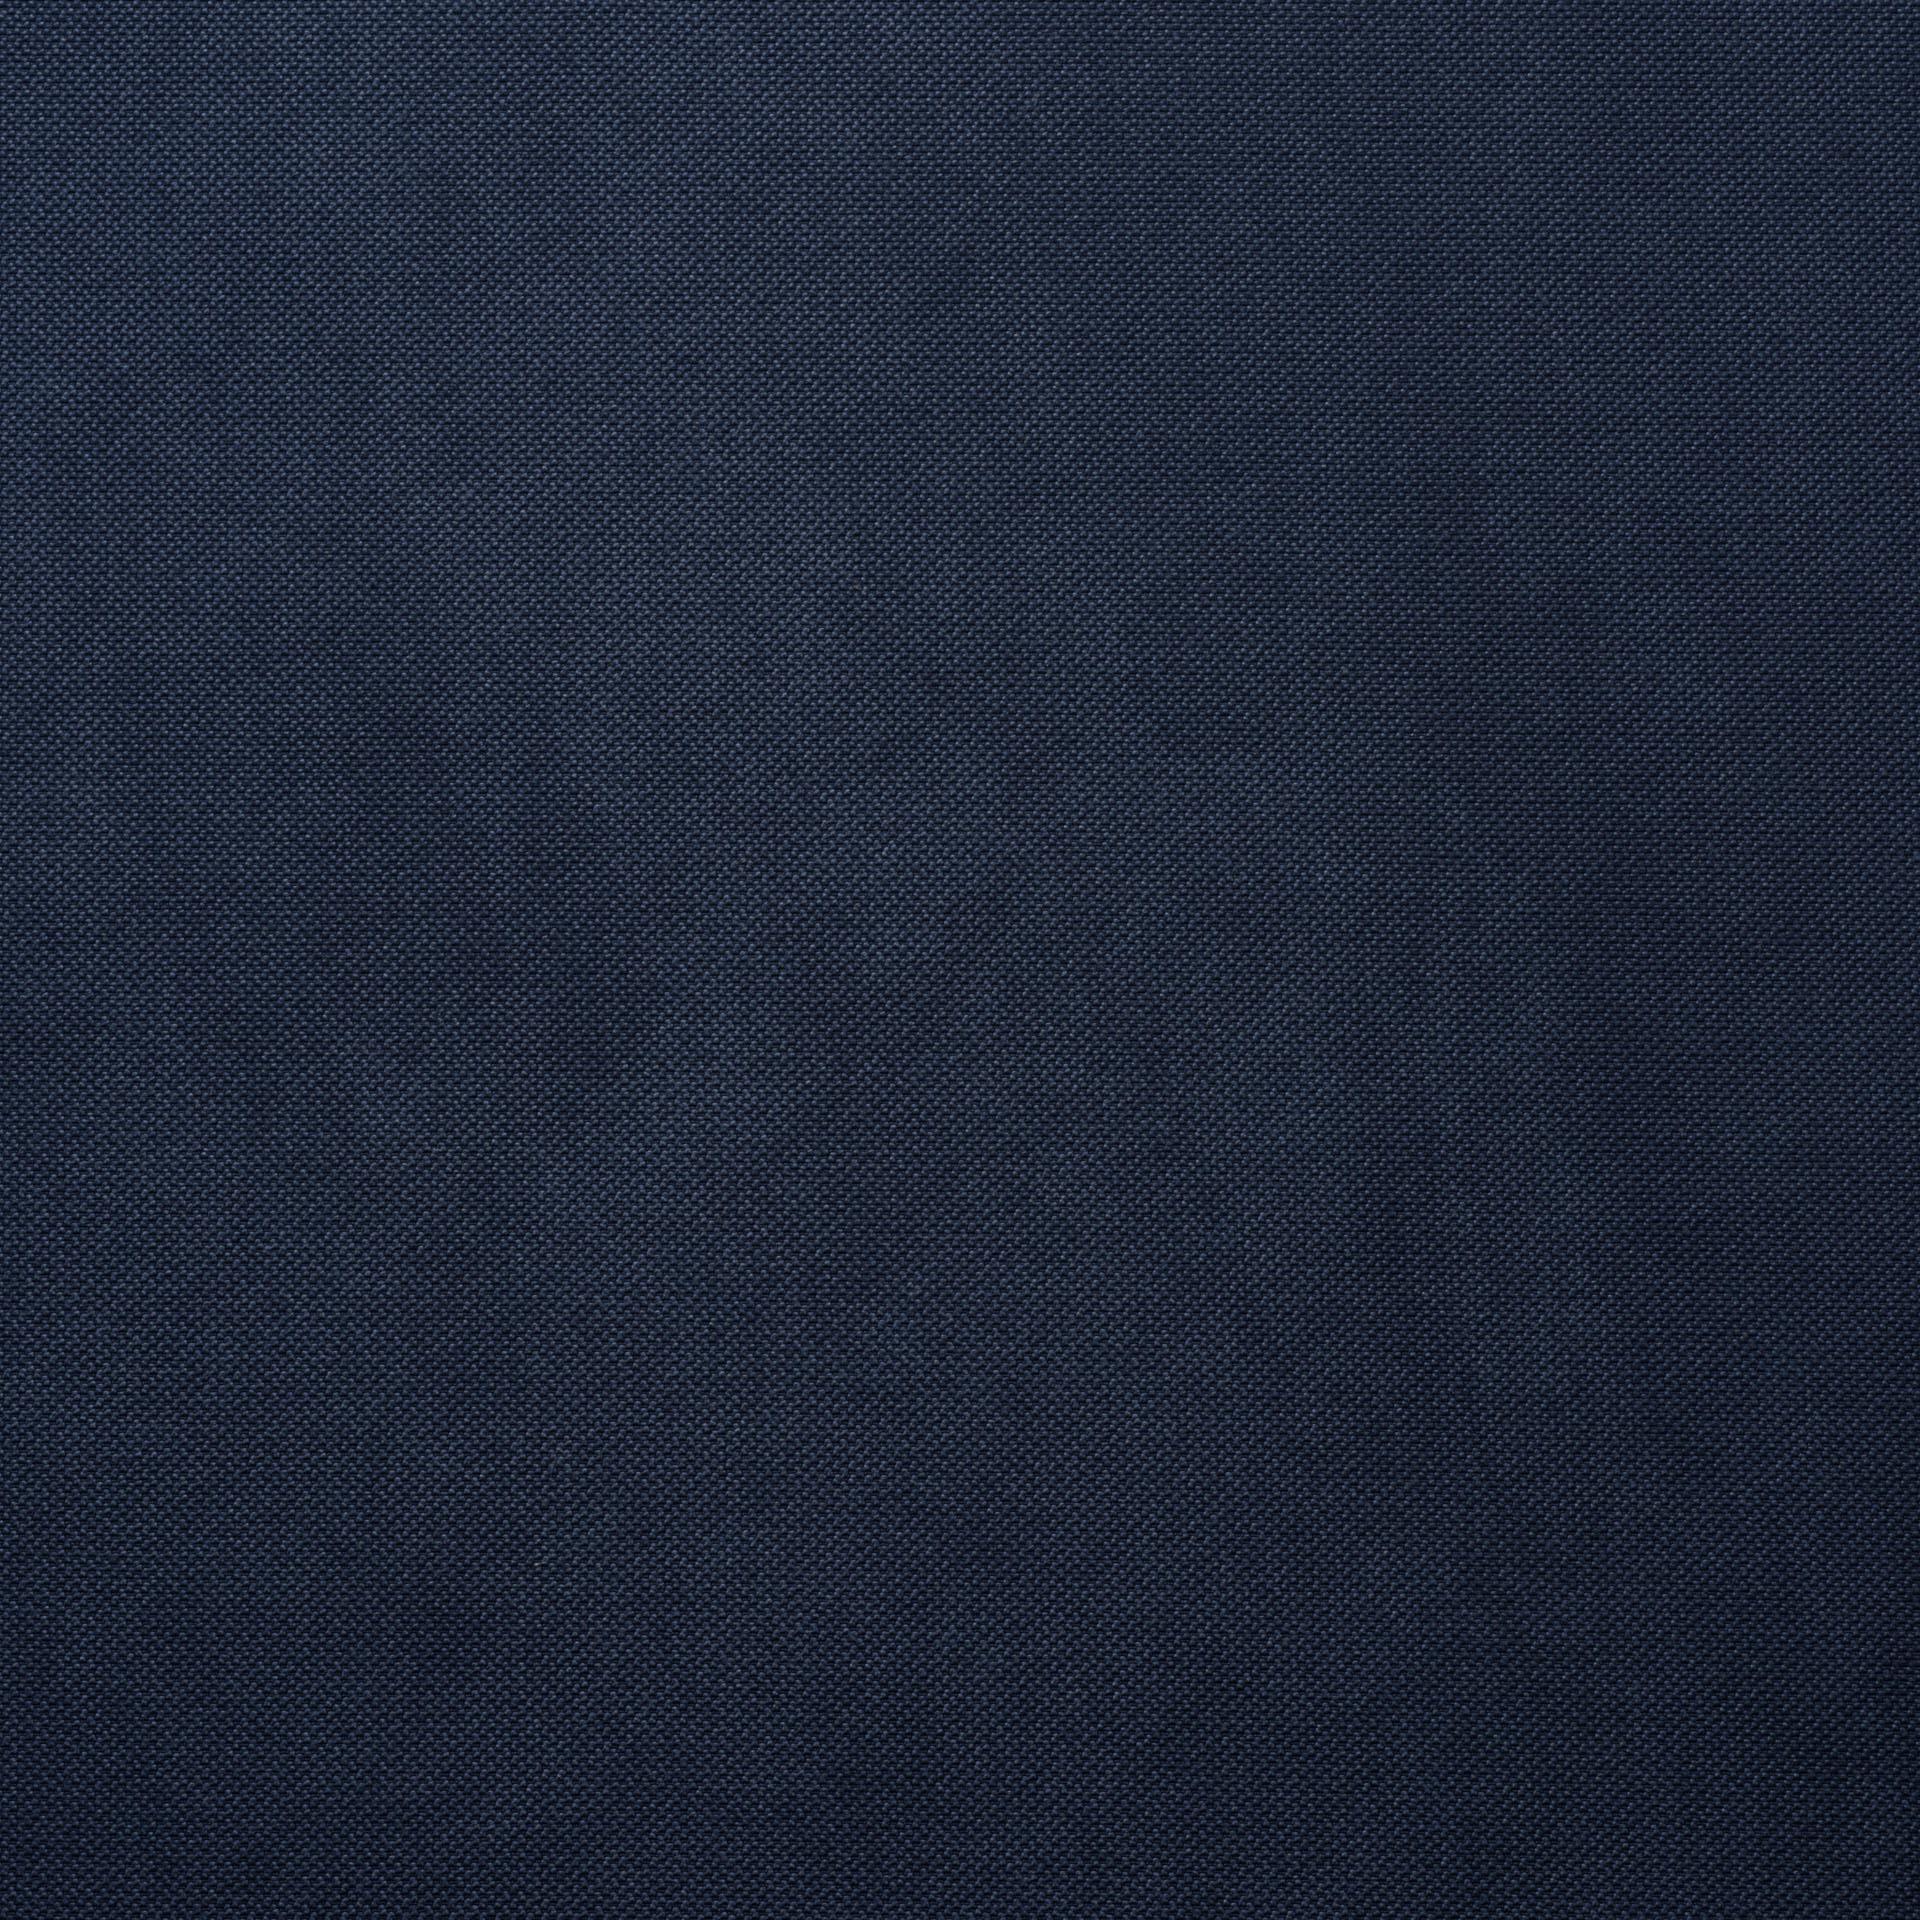 Коллекция ткани Стэнли 26 SAPPHIRE,  купить ткань Жаккард для мебели Украина